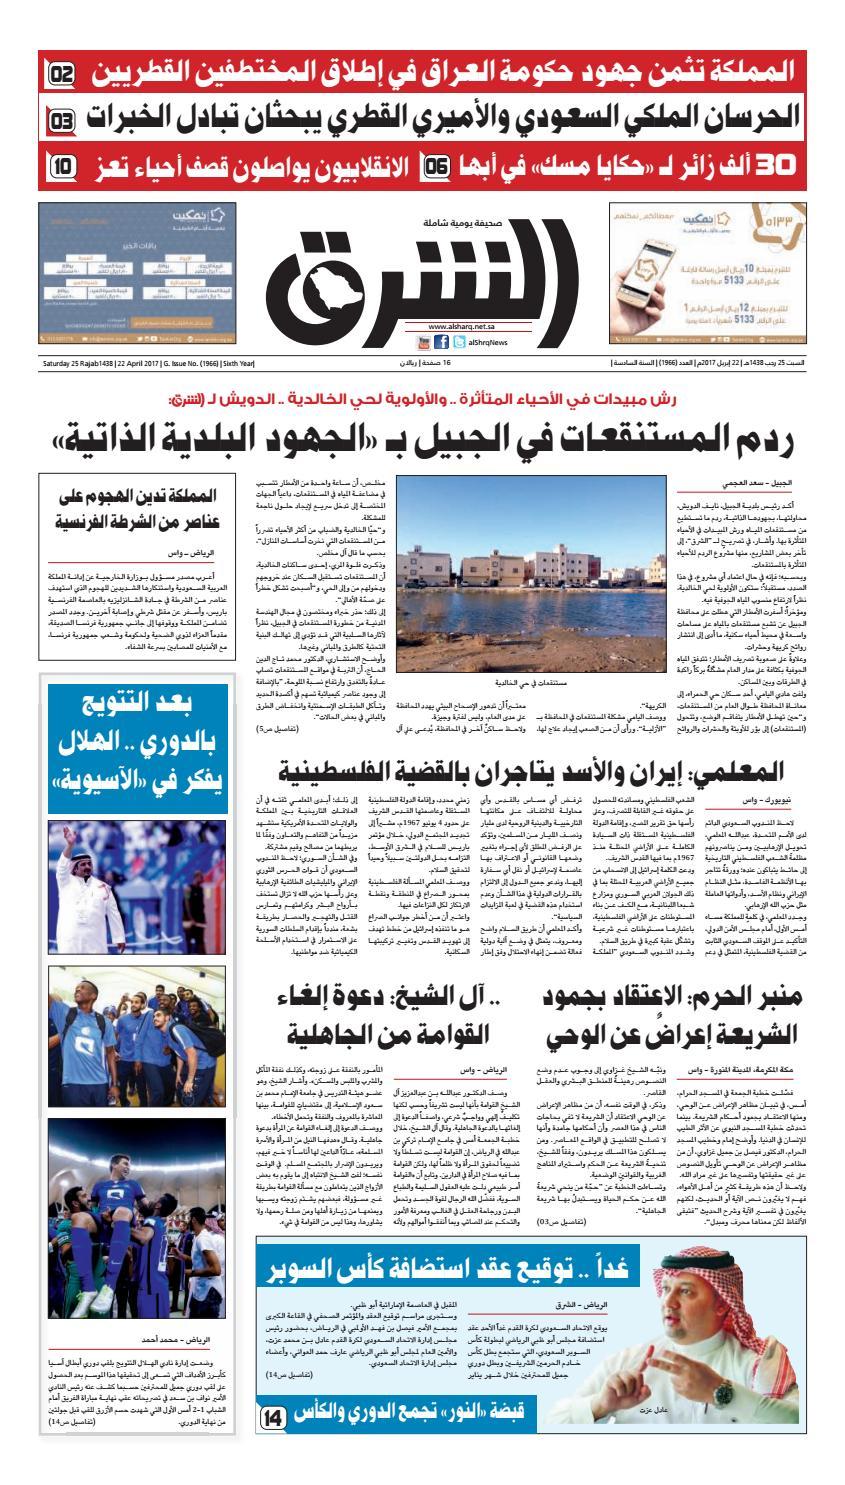 2ceec65eb صحيفة الشرق - العدد 1966 - نسخة الدمام by صحيفة الشرق السعودية - issuu